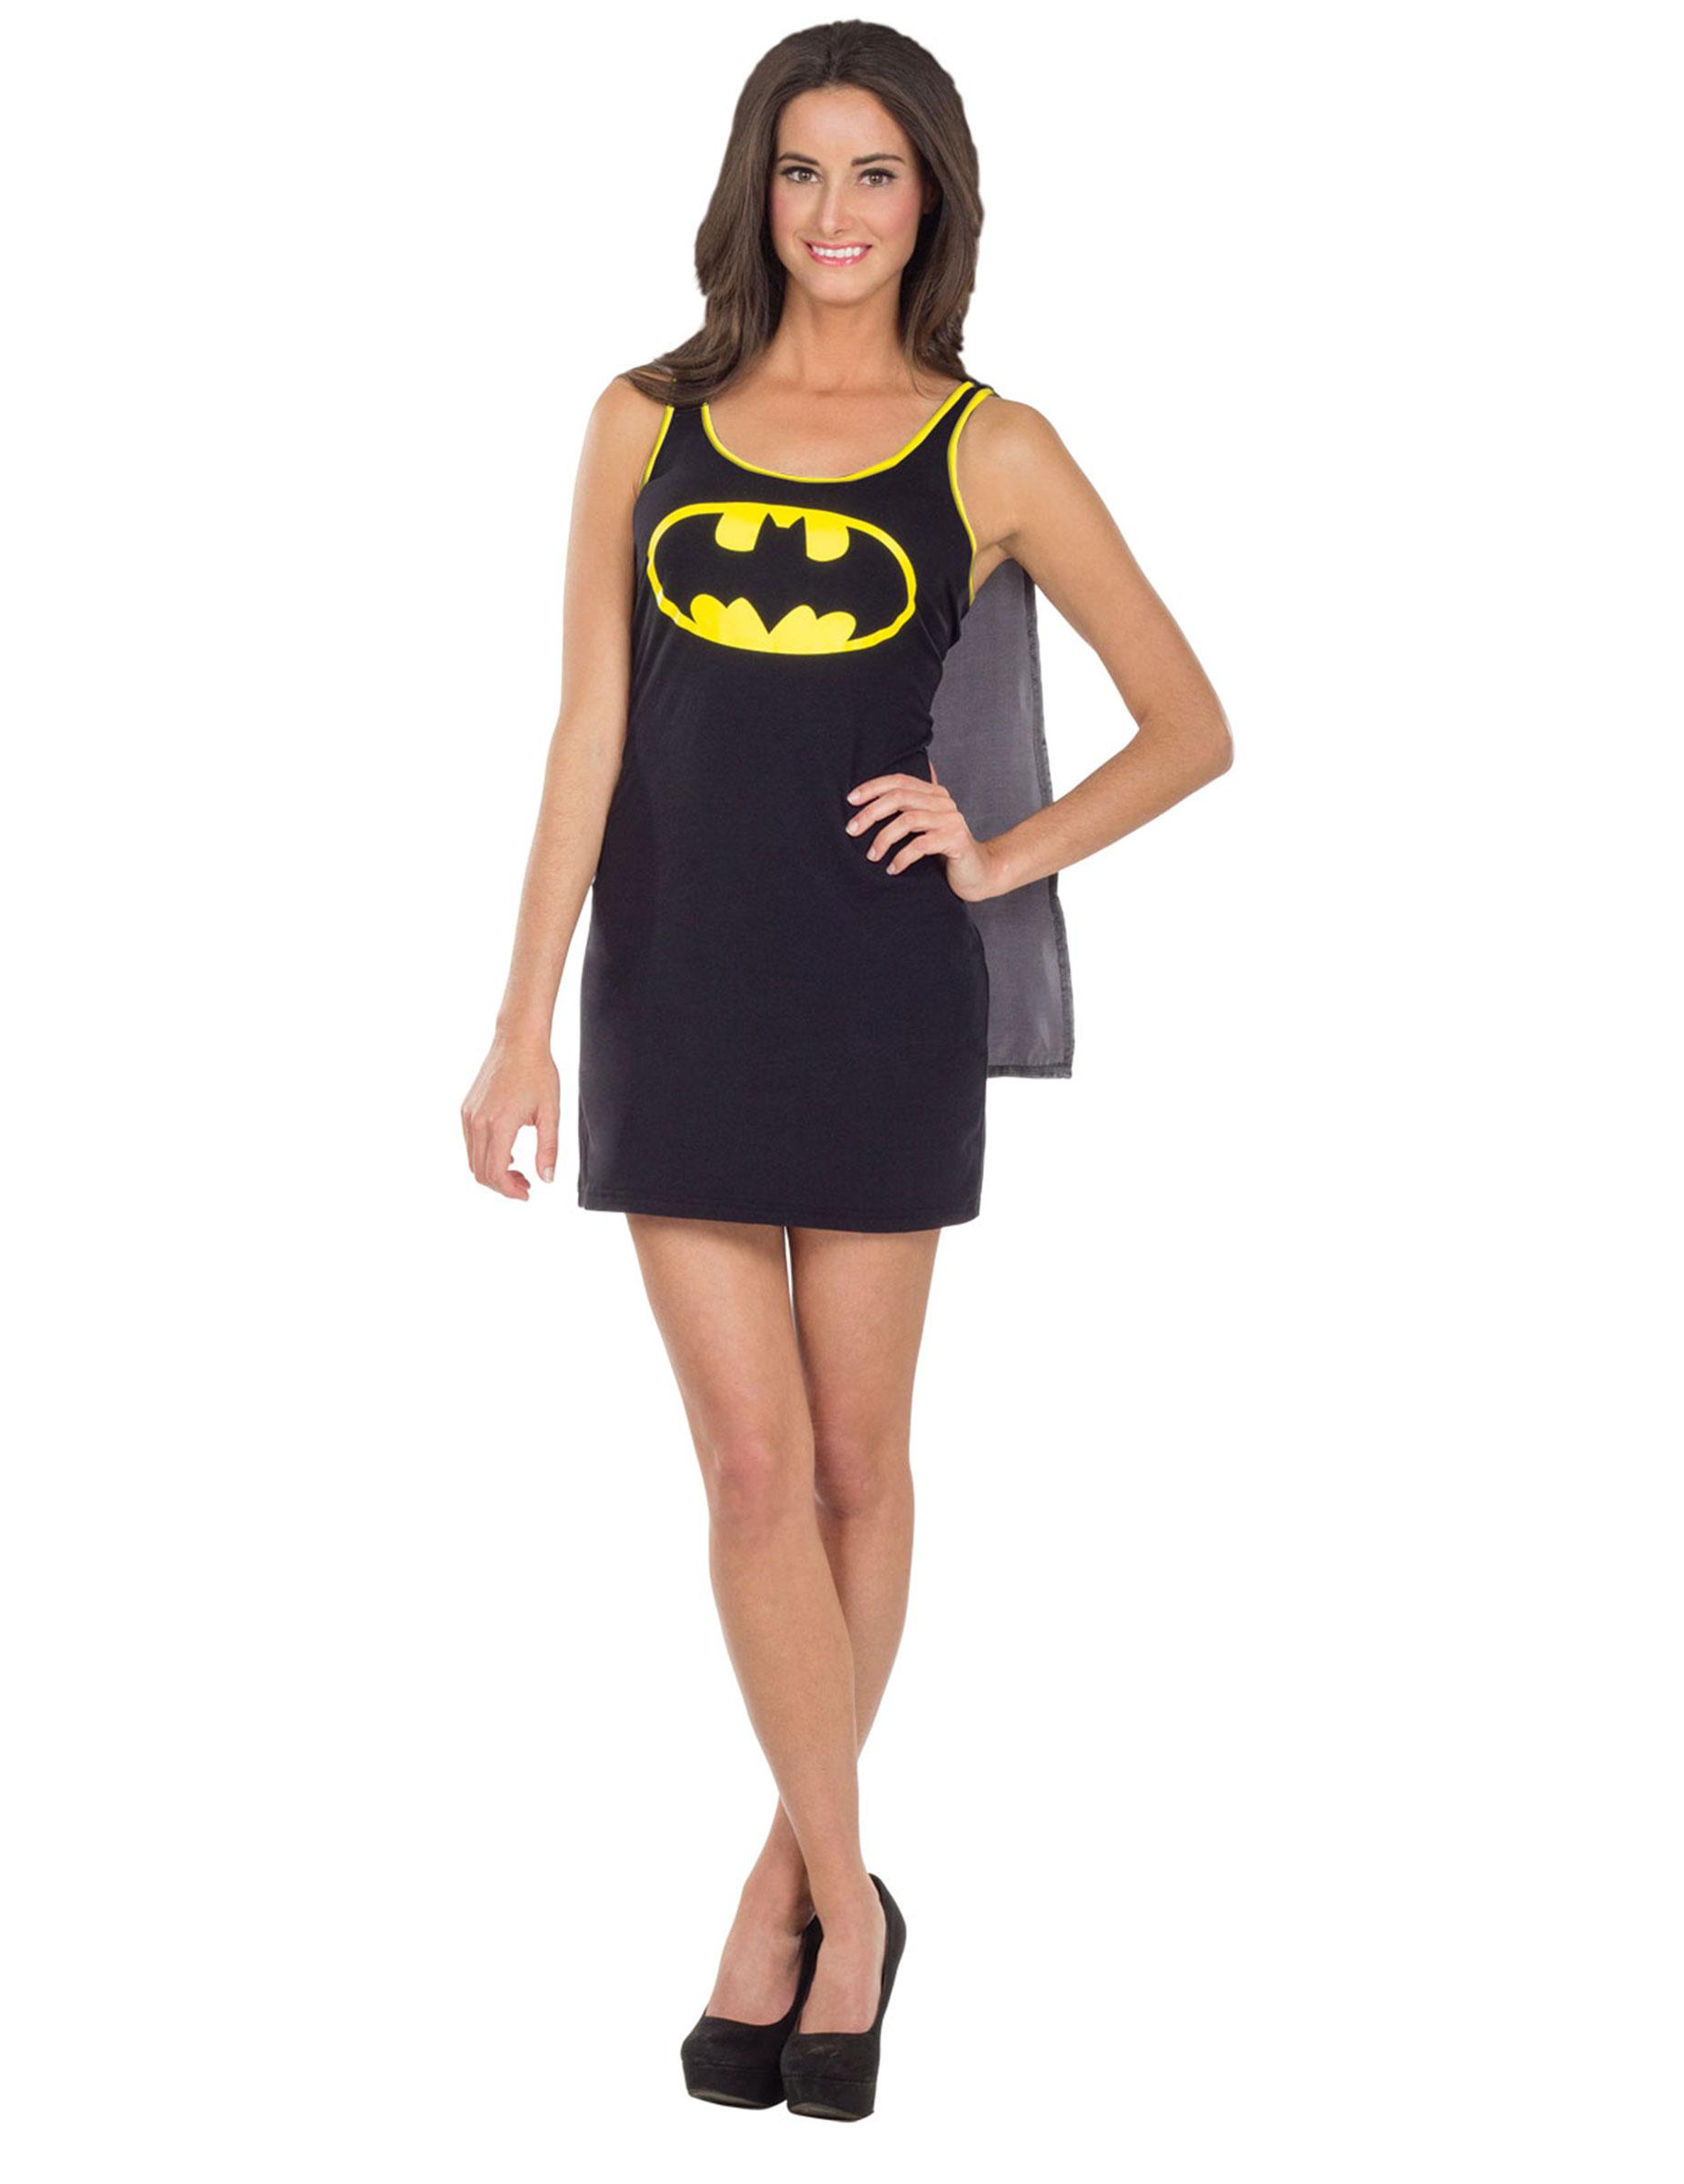 d guisement robe batgirl femme deguise toi achat de d guisements adultes. Black Bedroom Furniture Sets. Home Design Ideas